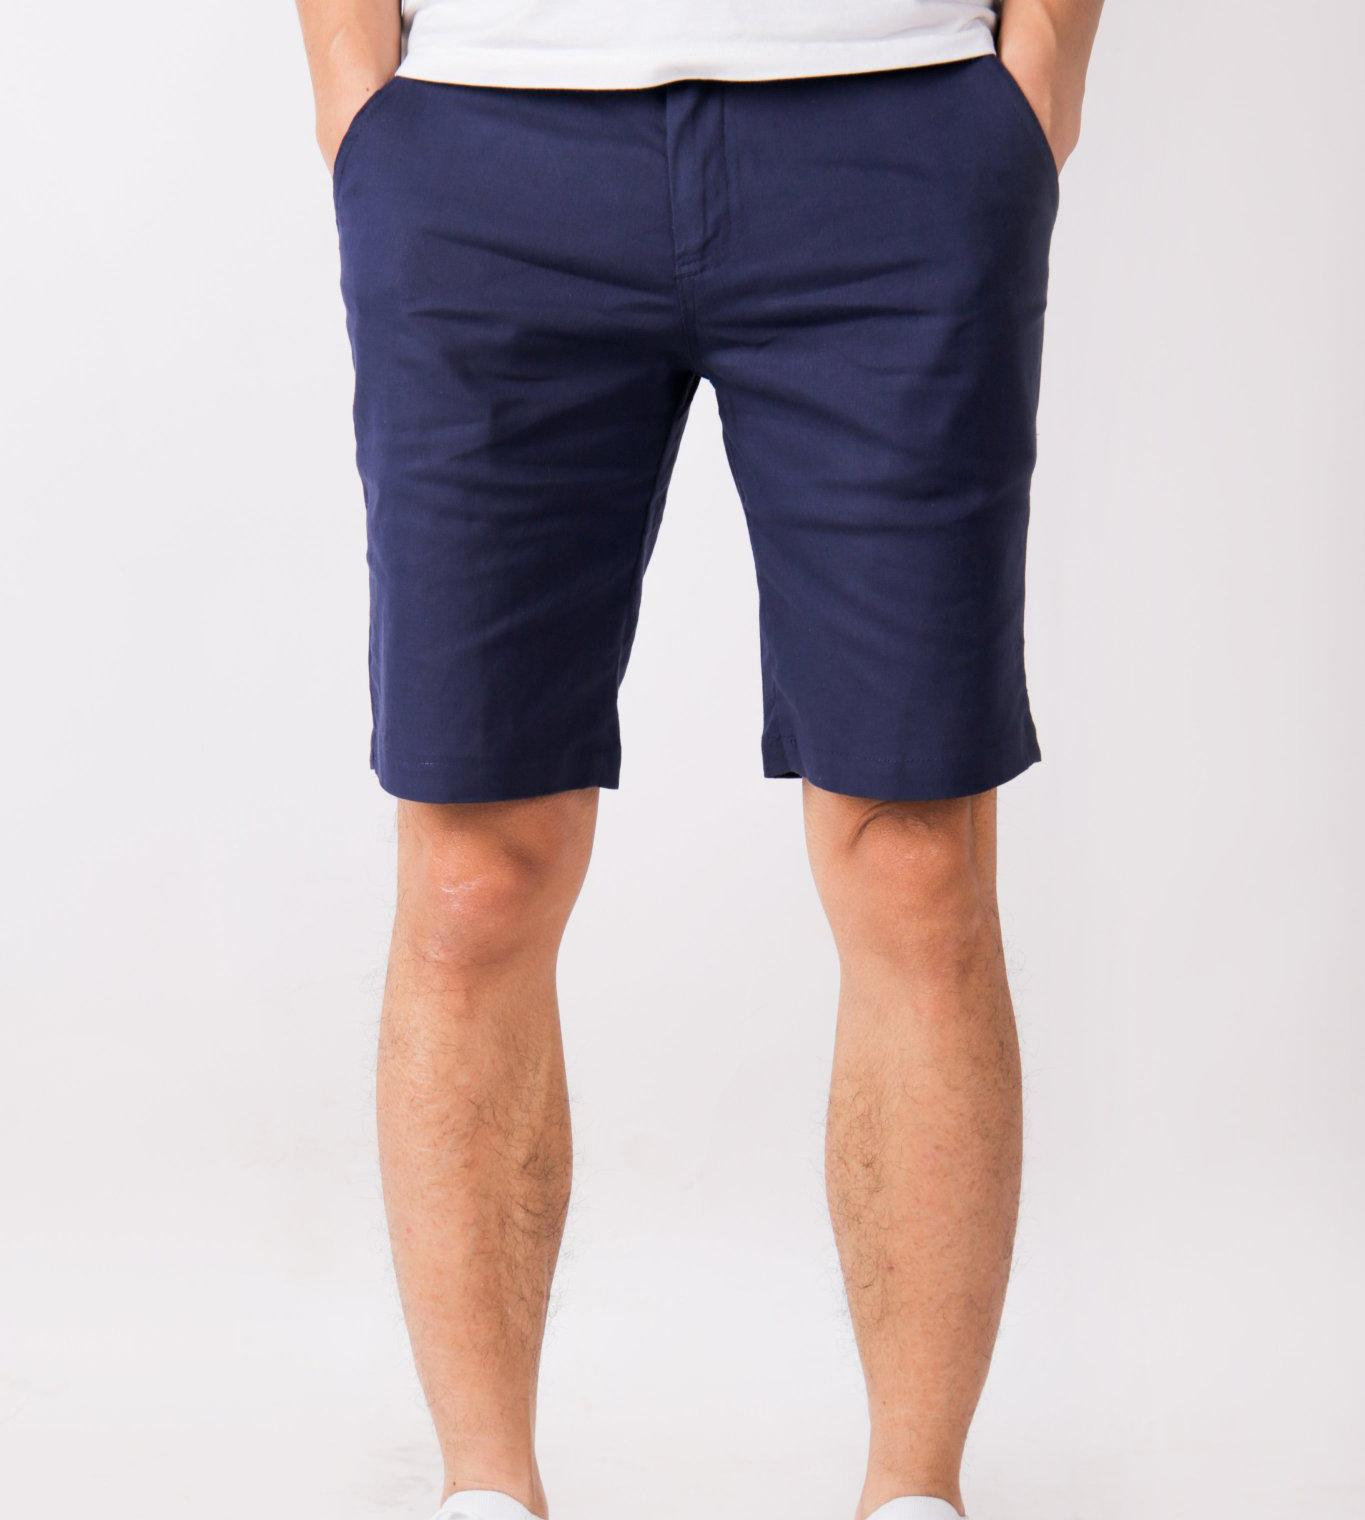 quần short nam quần cộc nam phong cách Hàn Quốc siêu phẩm hè 2019